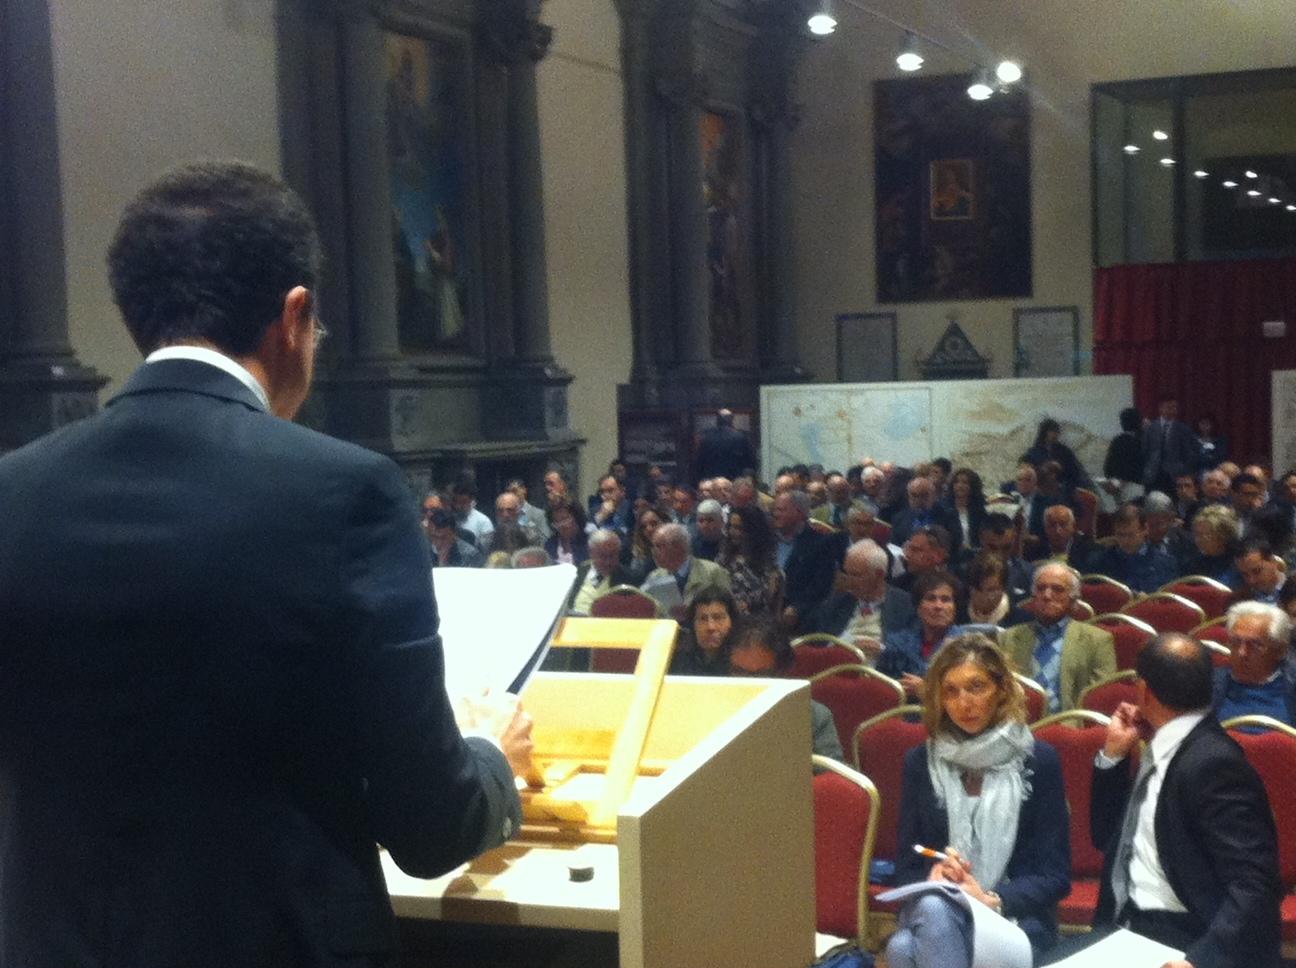 Approvato dall'Assemblea dei Soci di Banca Popolare di Cortona il Bilancio 2013